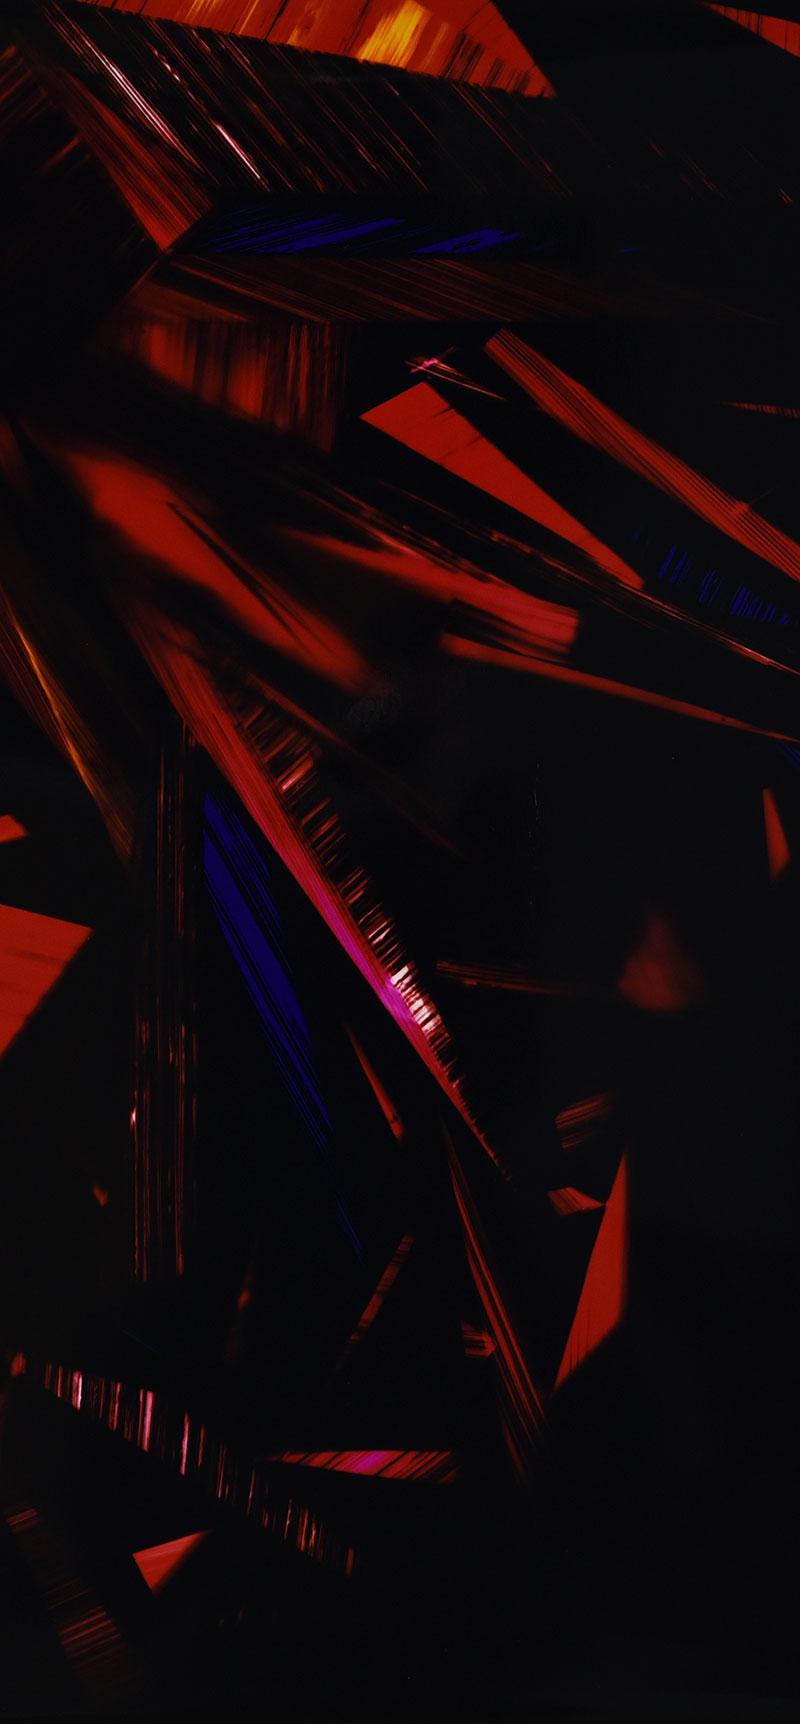 Close up detail of color photogram titled: Crimson Belligerence